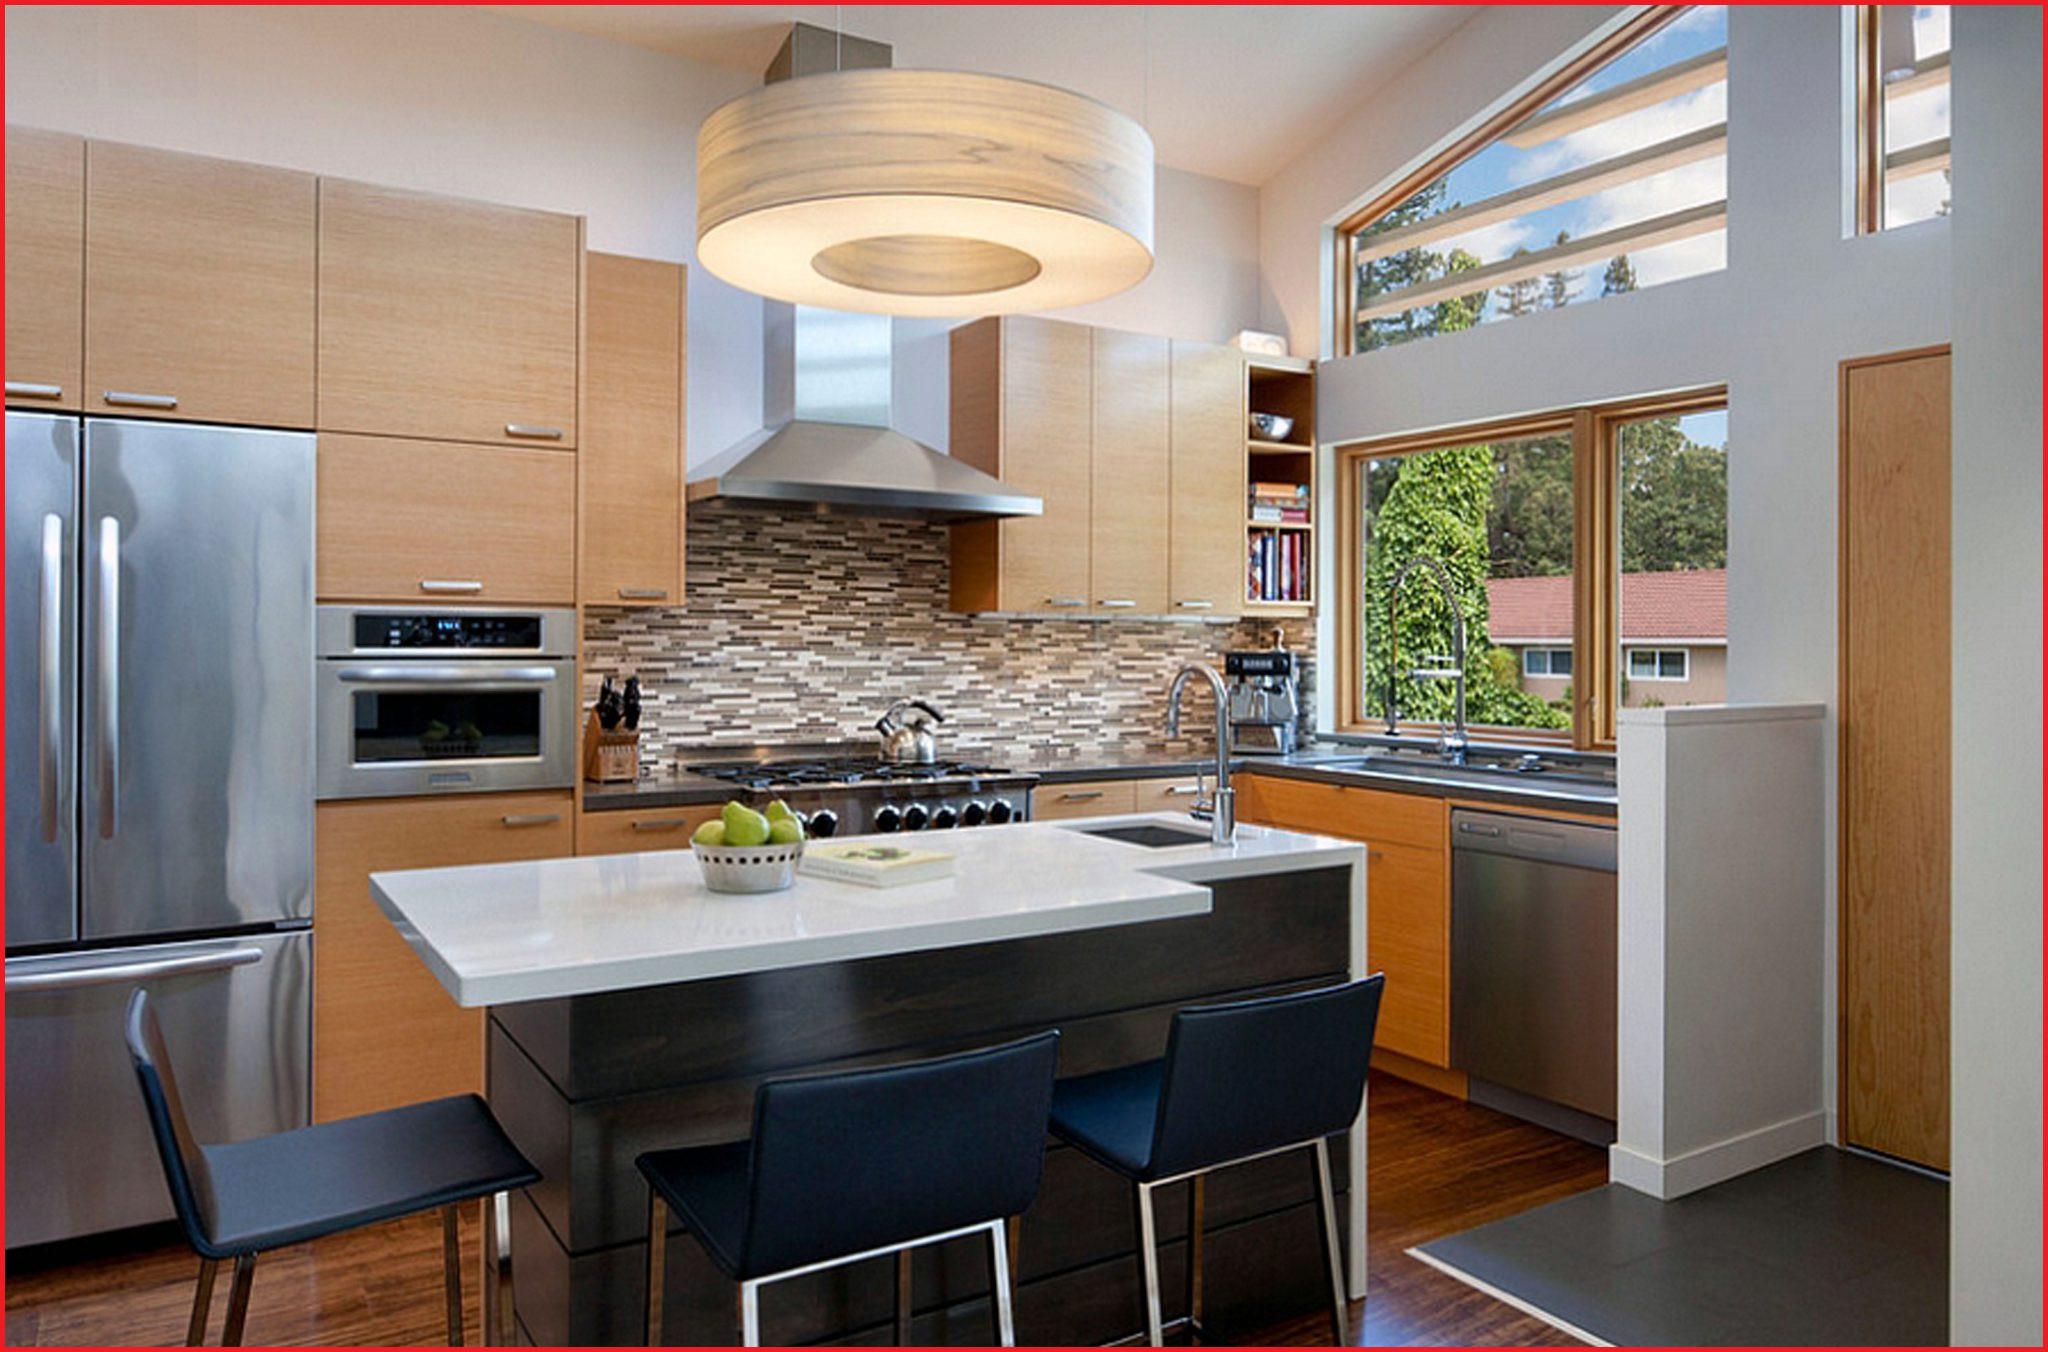 Muebles Para Cocinas Pequeñas Kvdd Diseà Os De Cocinas Pequeà as Bueno Cocinas Modernas Pequenas